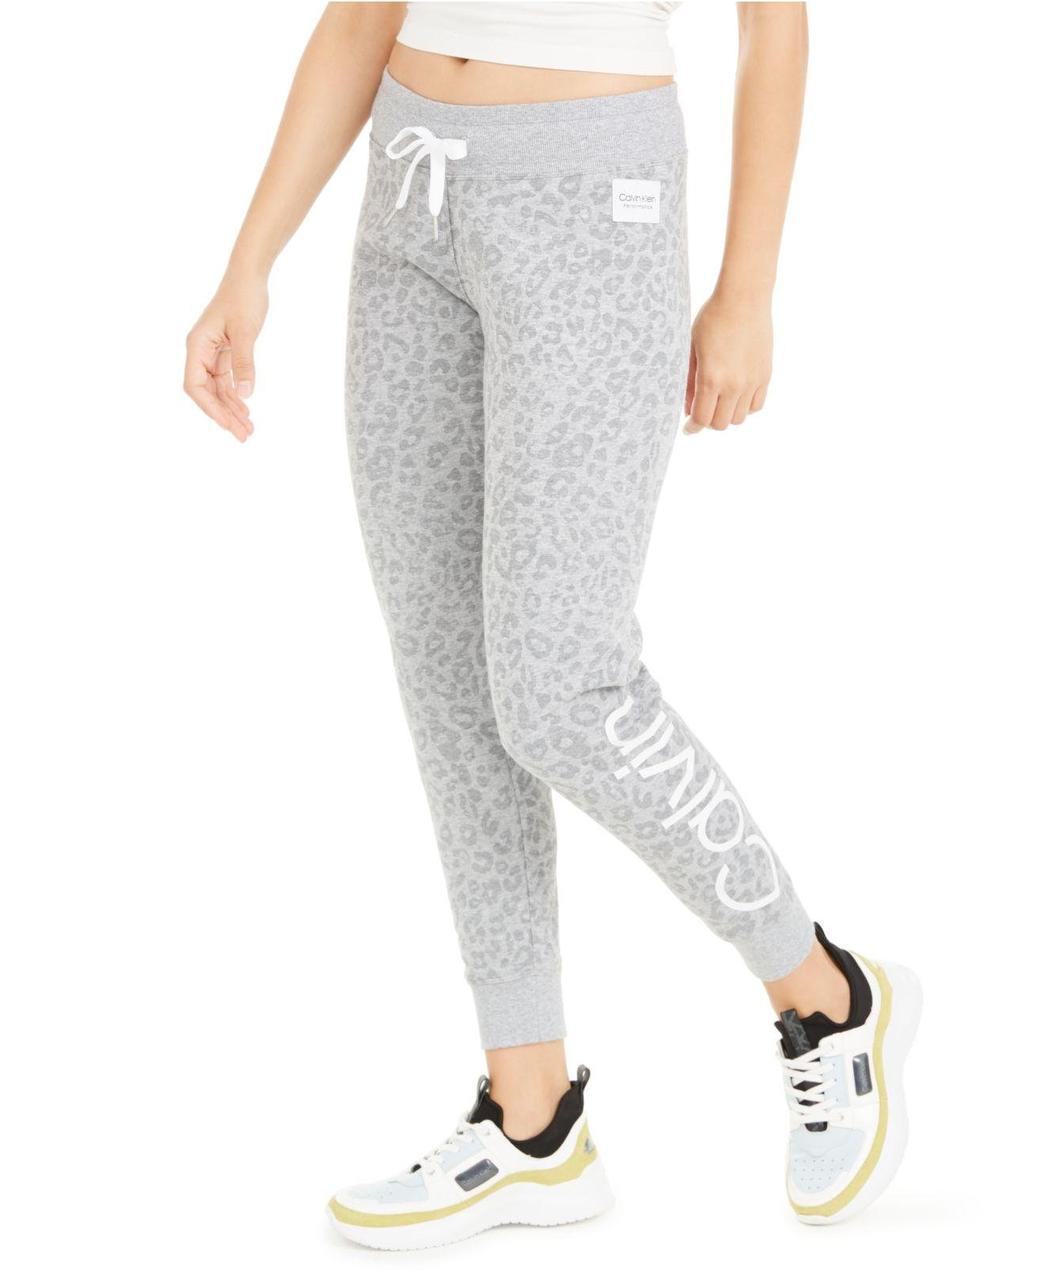 Calvin KleinСпортивные штаны женские -А4